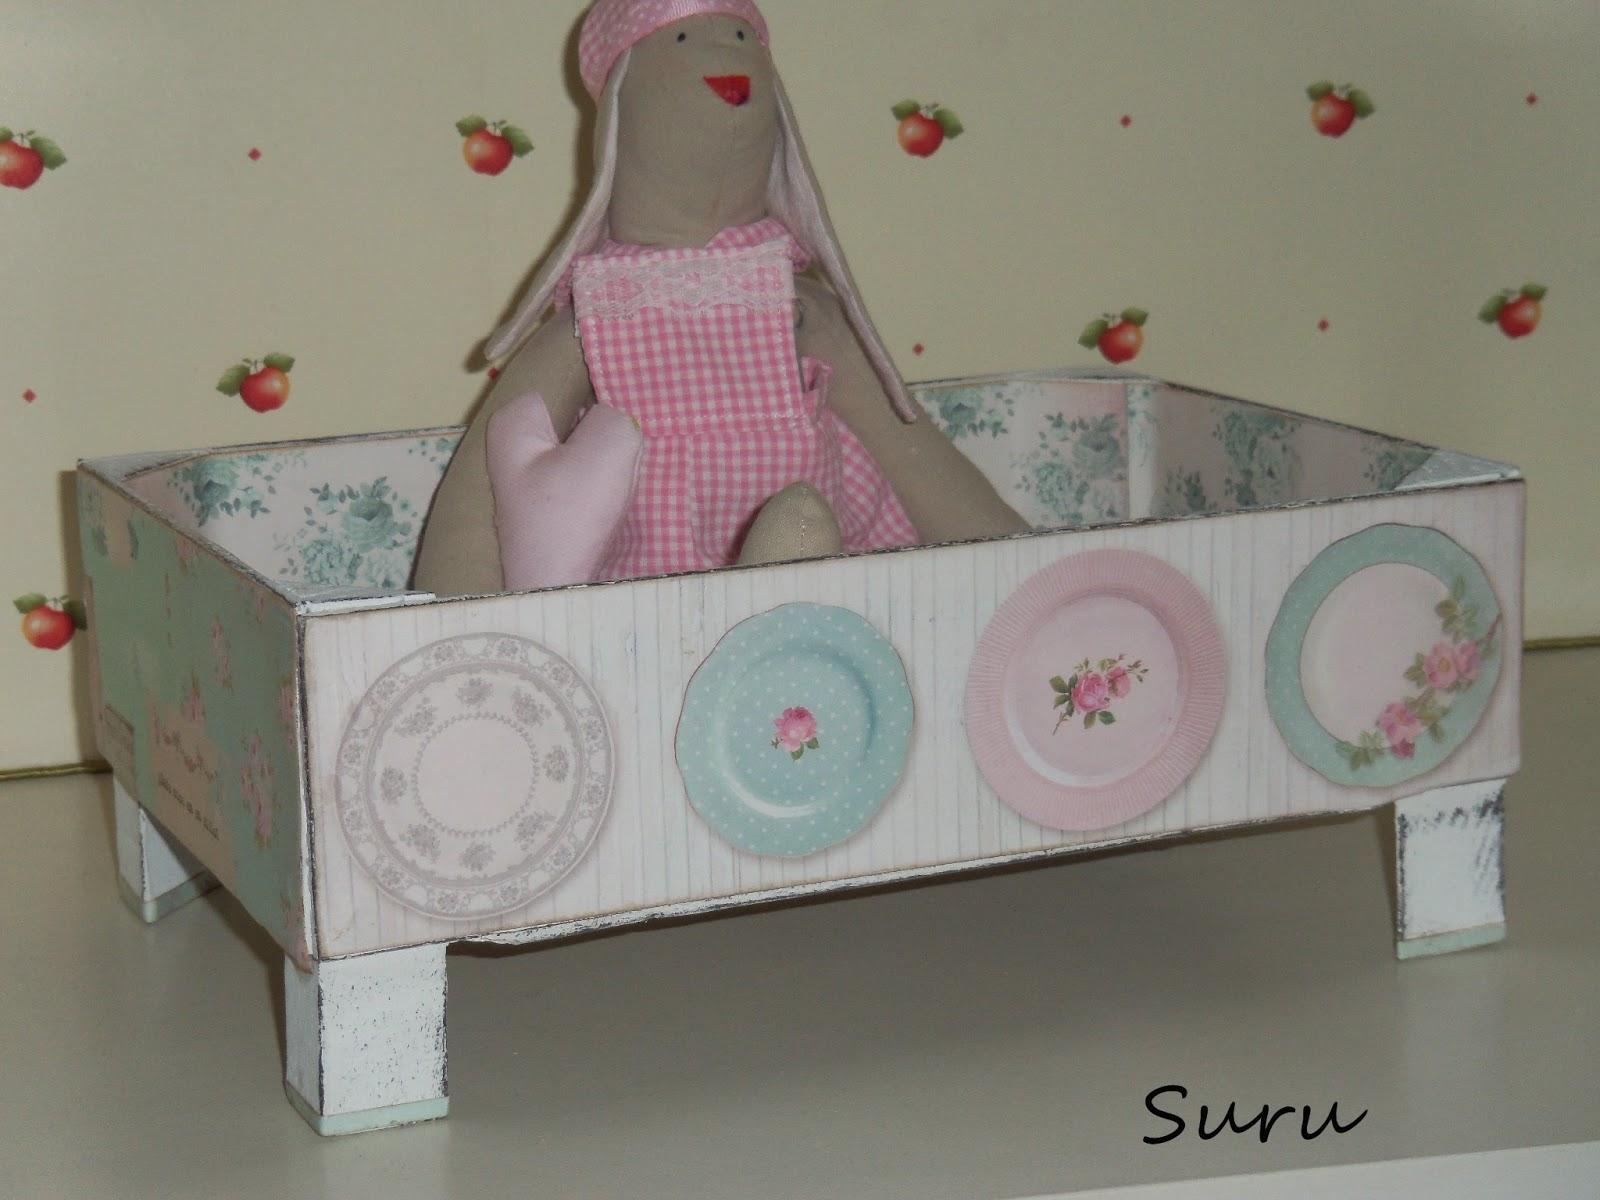 P xaros en la cabeza caja de fresas al reves - Manualidades con cajas de frutas ...